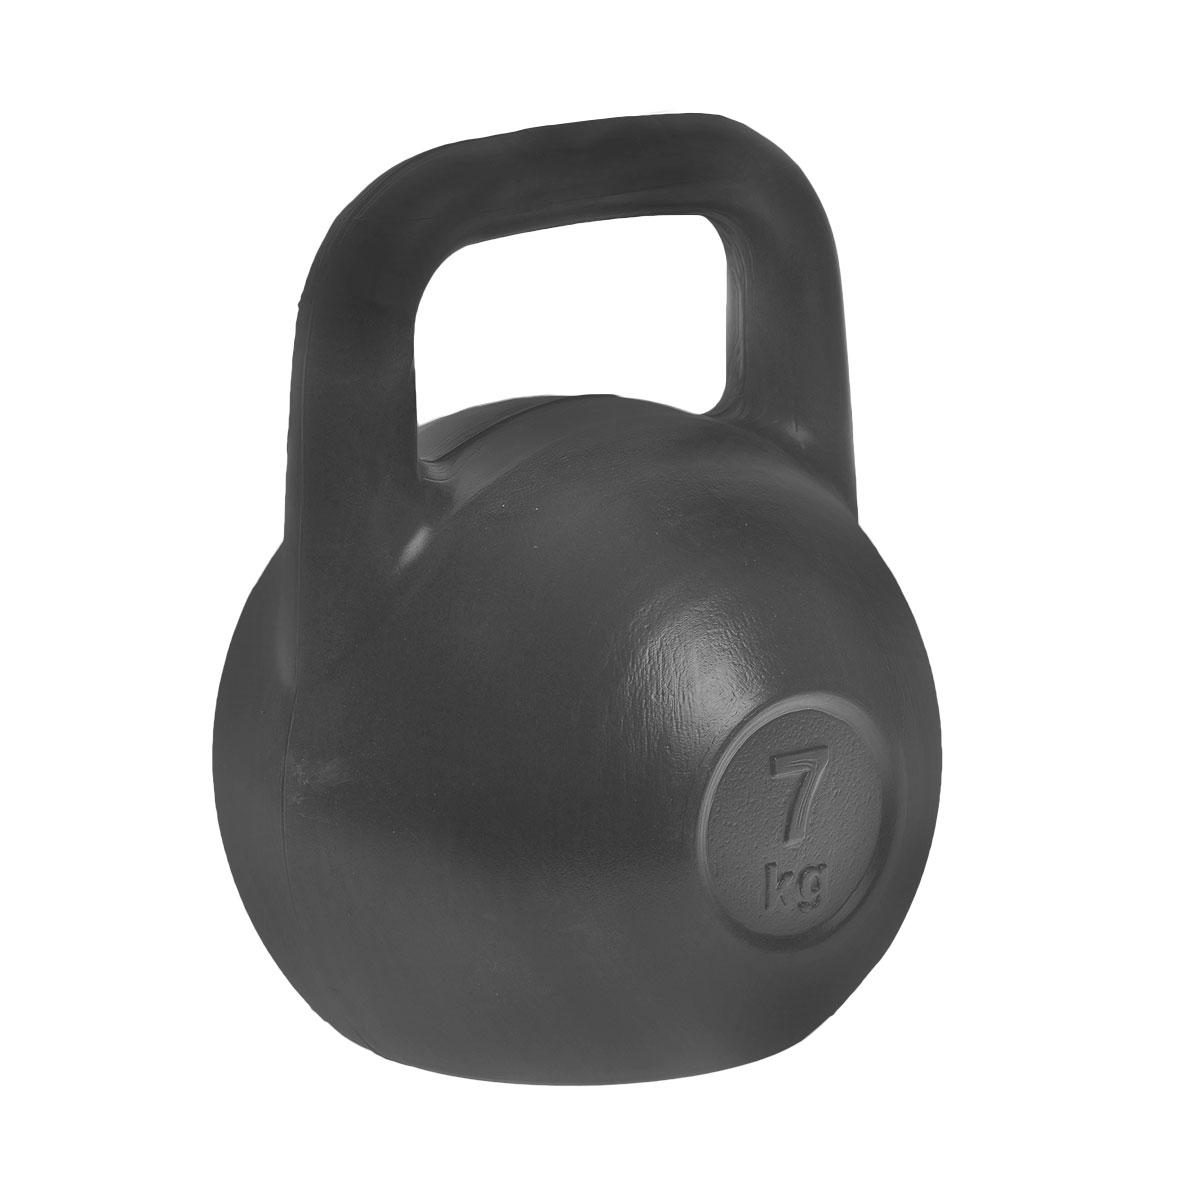 Гиря Евро-Классик, цвет: черный, 7 кг40162Гиря Евро-Классик выполнена из прочного пластика с наполнителем из цемента. Эргономичная рукоятка не скользит в руке, обеспечивая надежный хват. Специальная конструкция гири значительно уменьшает риск получения спортсменом травмы.Гири - это самое простое и самое гениальное спортивное оборудование для развития мышечной массы. Правильно поставленные тренировки с ними позволяют не только нарастить мышечную массу, но и развить повышенную выносливость, укрепляют сердечнососудистую систему и костно-мышечный аппарат.Вес гири: 7 кг.